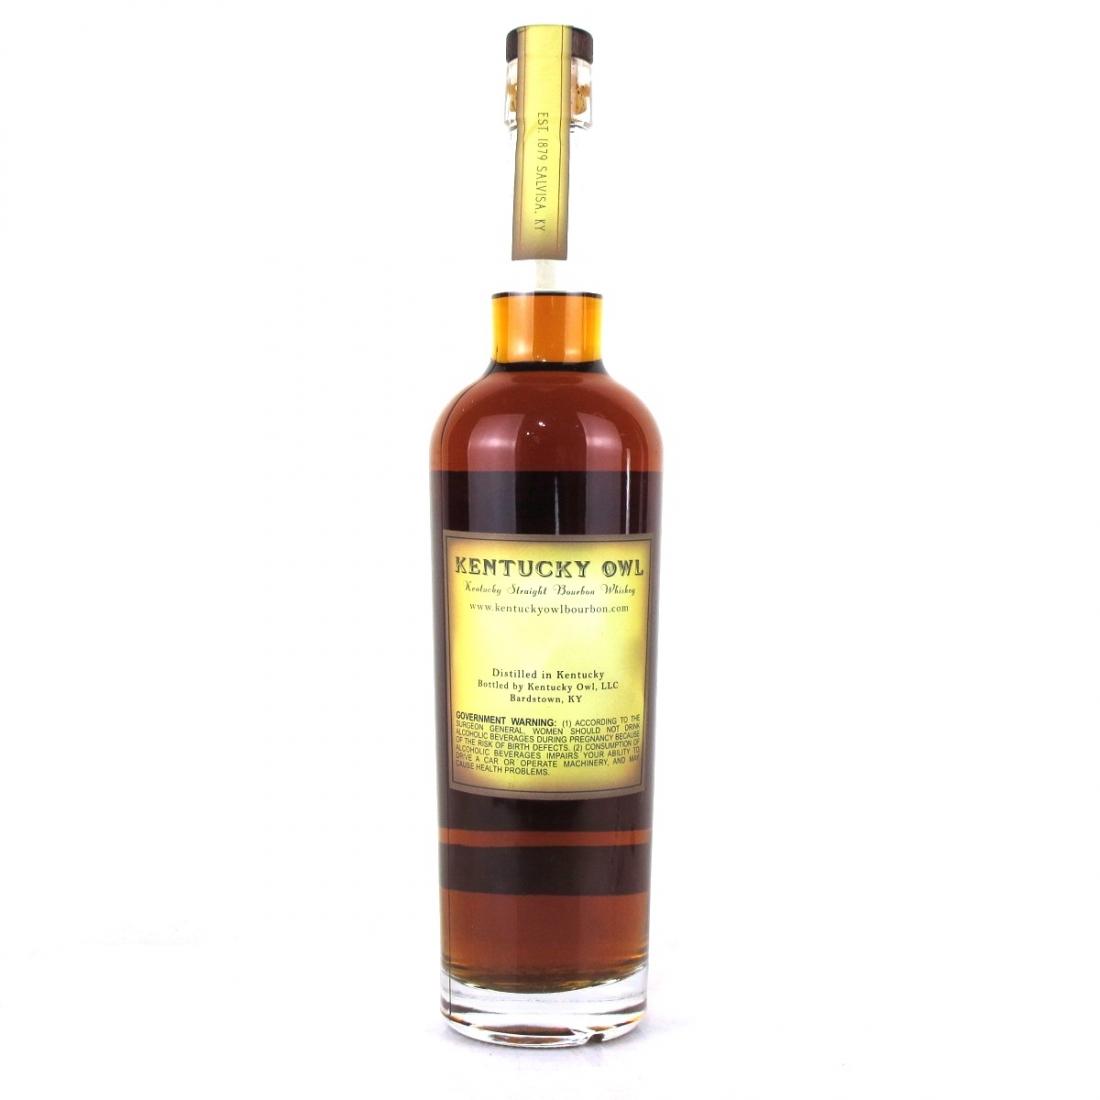 Kentucky Owl Bourbon Batch #2